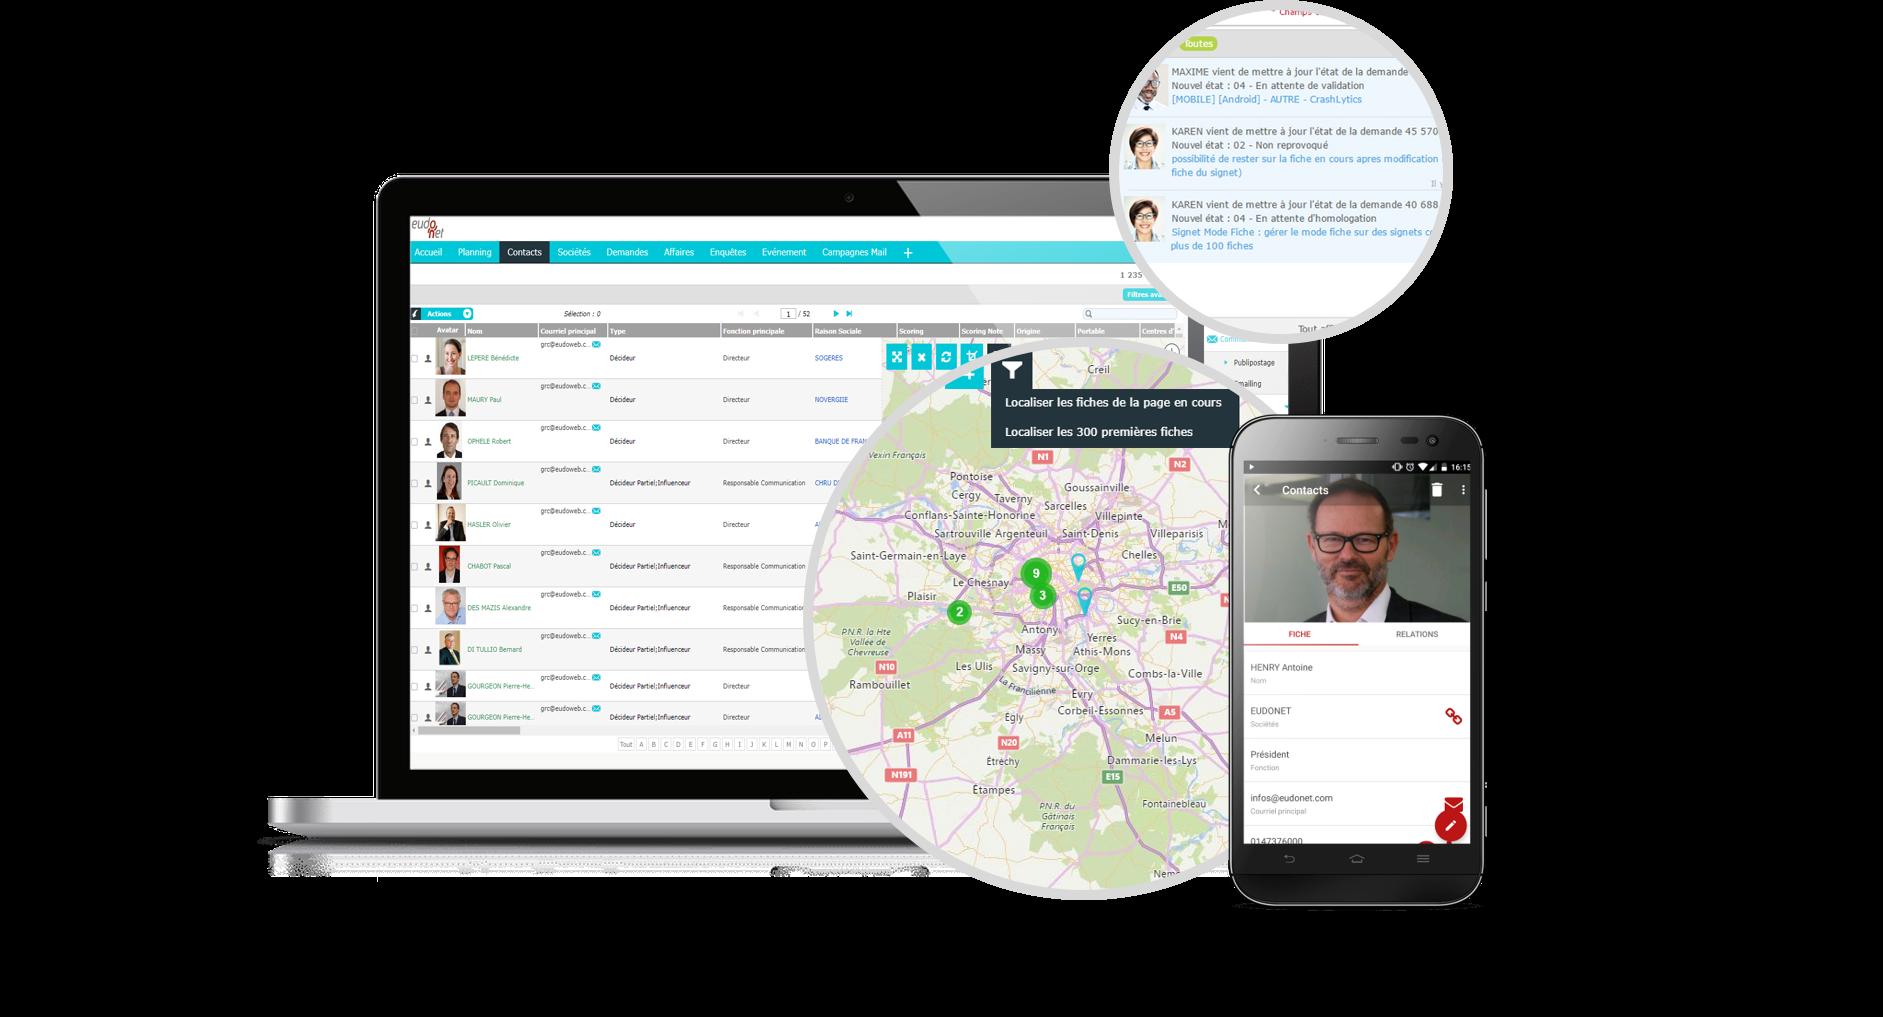 Placez votre CRM au cœur de votre système d'information en le connectant à toutes vos applications